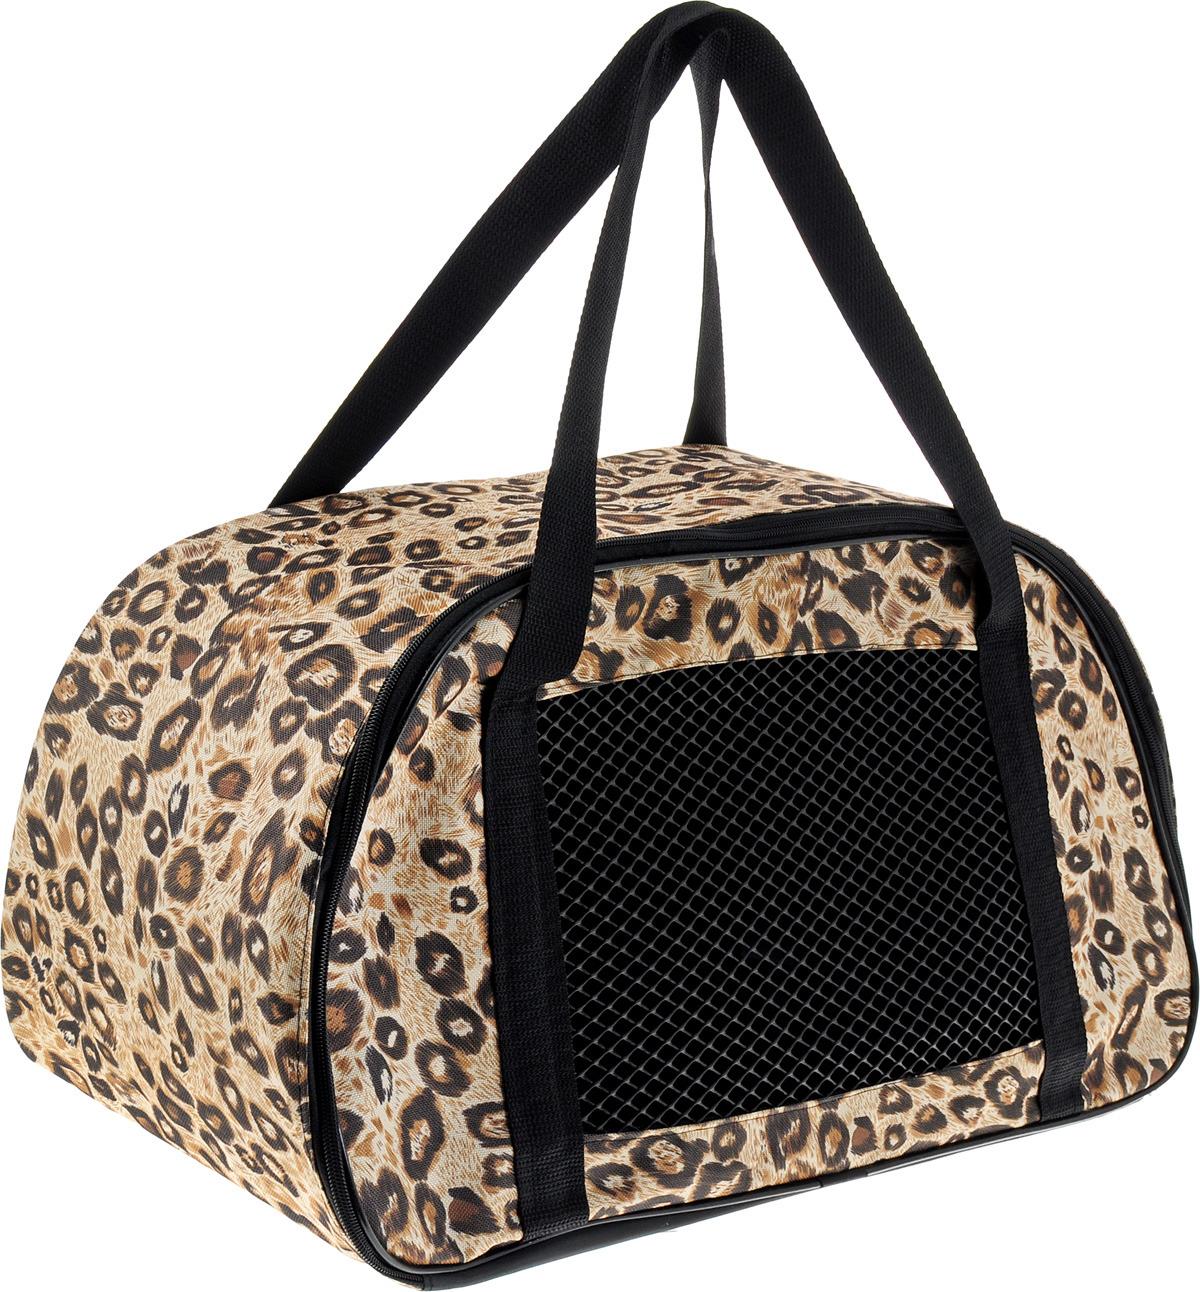 Сумка-переноска для животных Теремок, цвет: леопардовый, 56 х 28 х 30 см сумка переноска для животных pets inn цвет черный